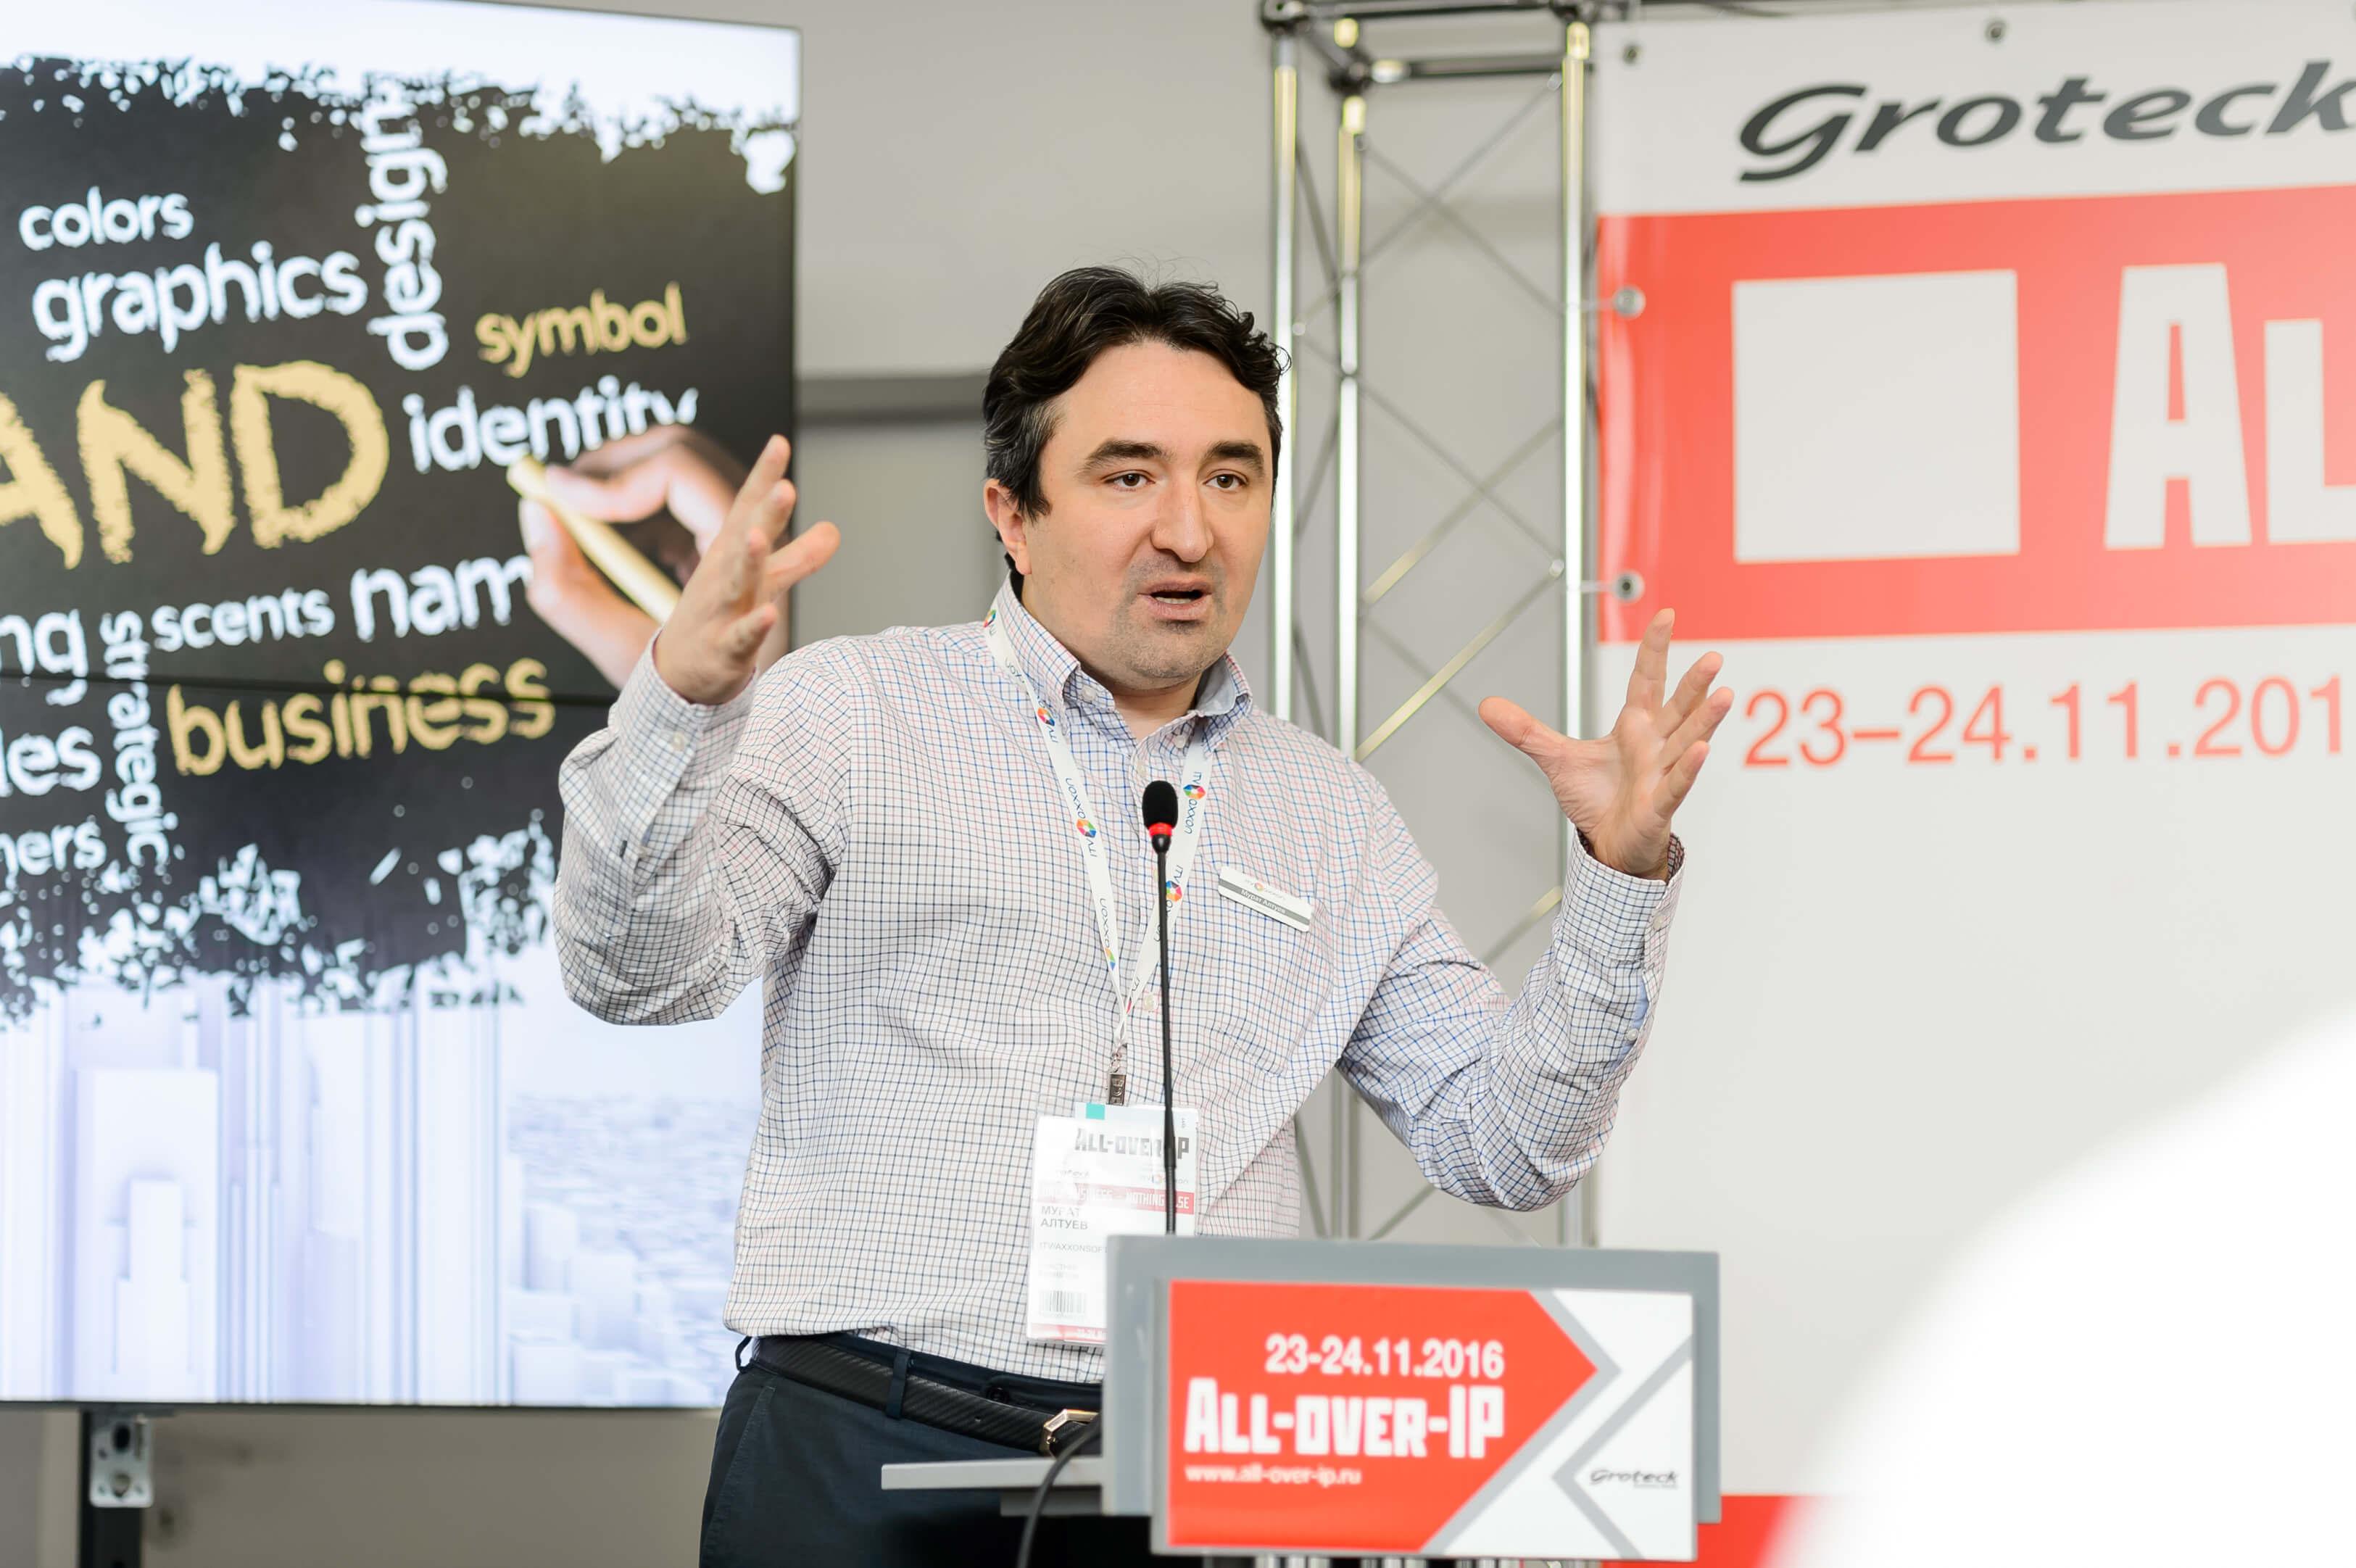 Мурат Алтуев приглашает лидеров индустрии к дискуссии